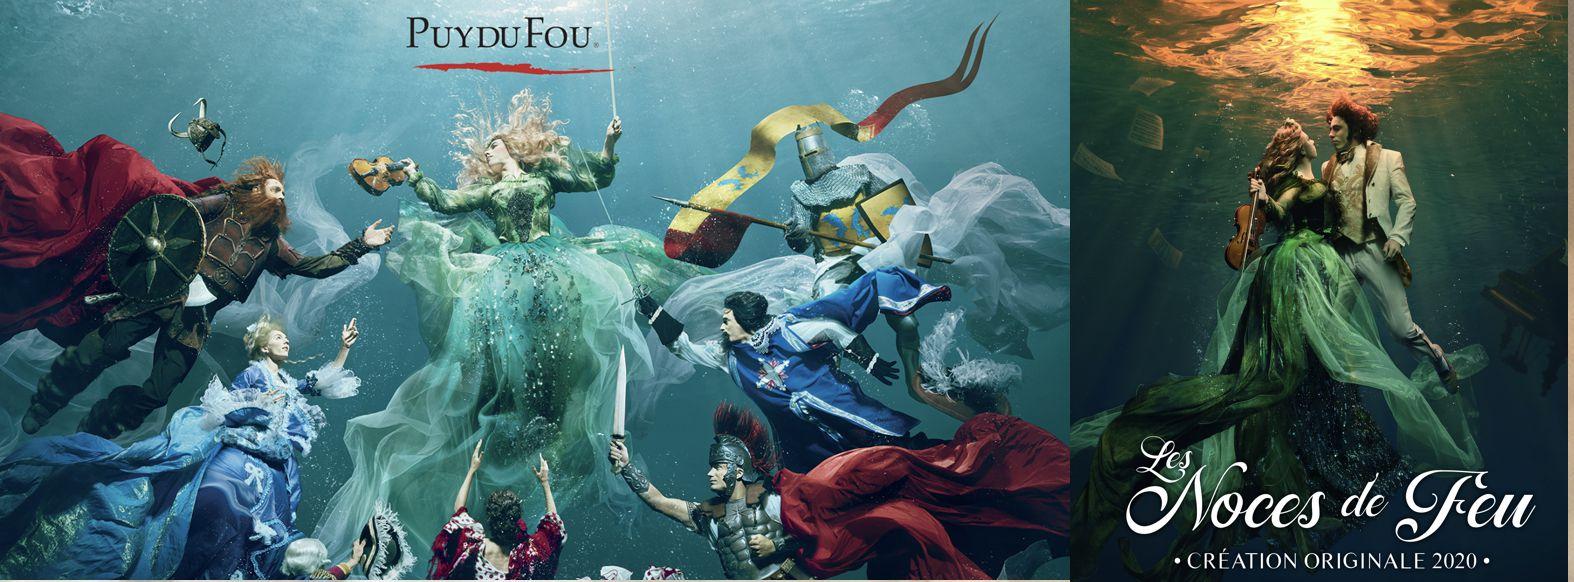 Les Noces de Feu spectacle du Grand Parc du Puy du Fou